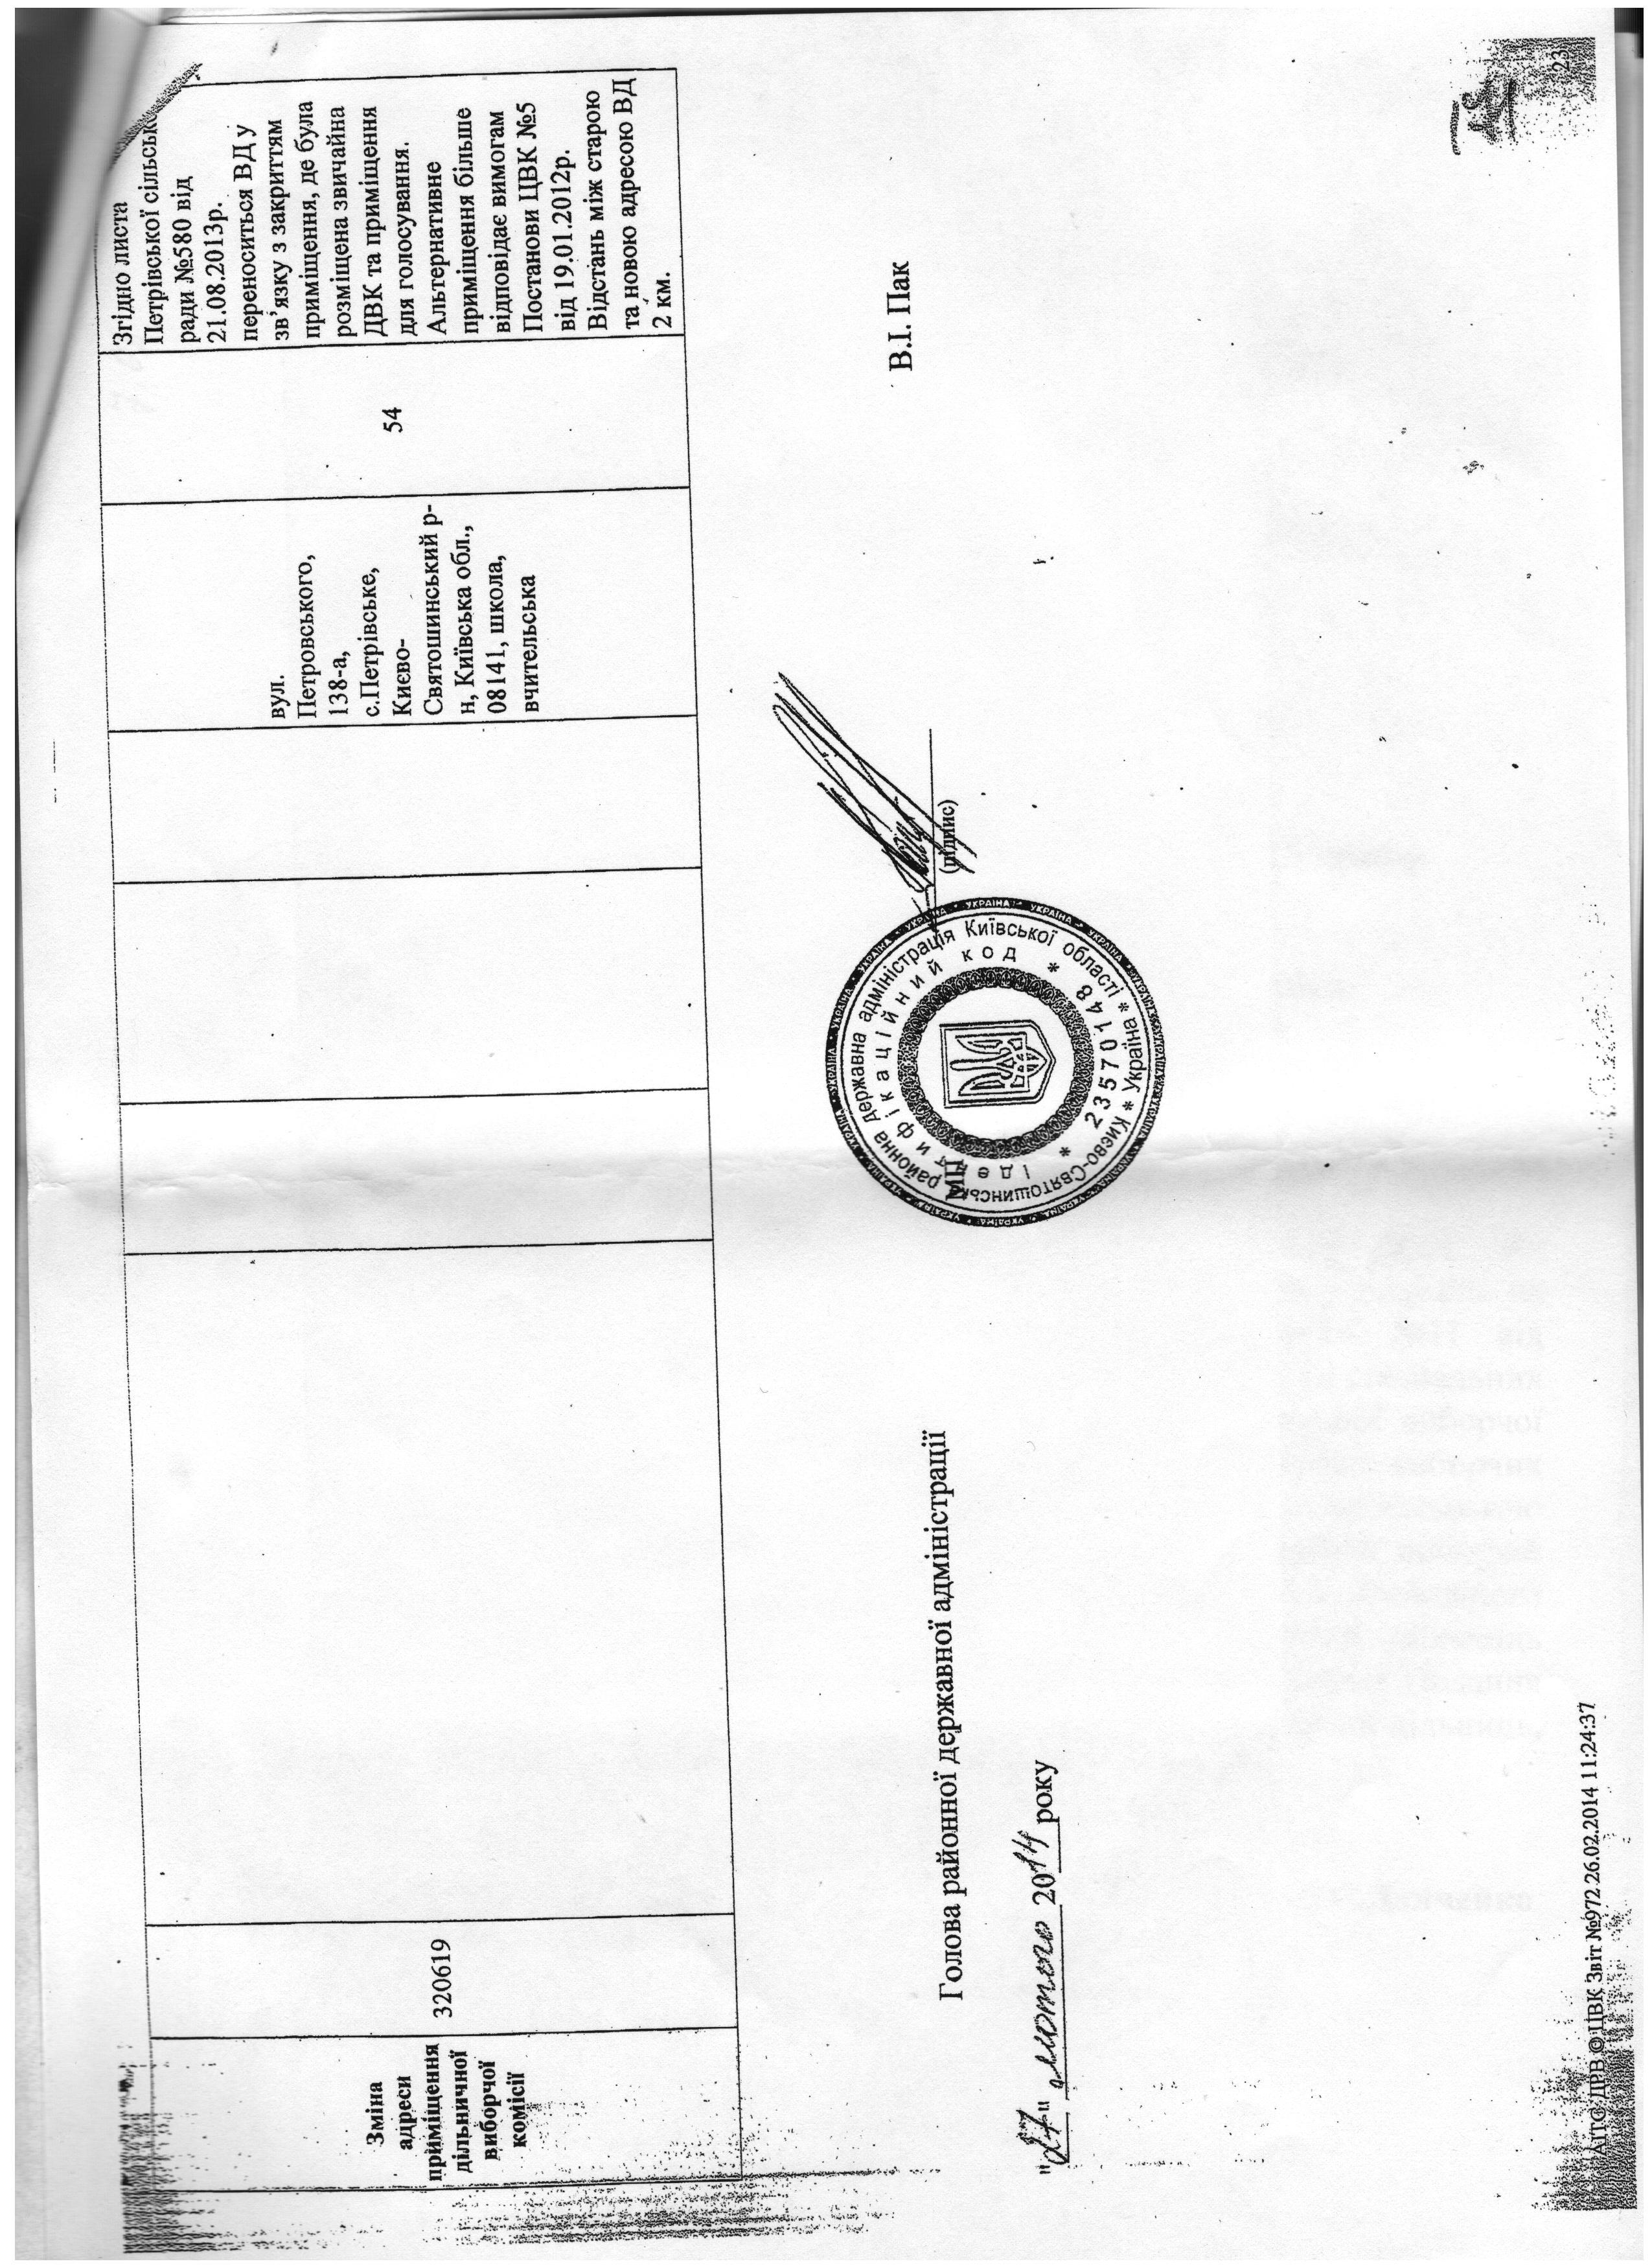 Пак про утворення нових  виборчих дільниць в селі Софіївська Борщагівка на підставі даних Києво Святошинської РДА 4